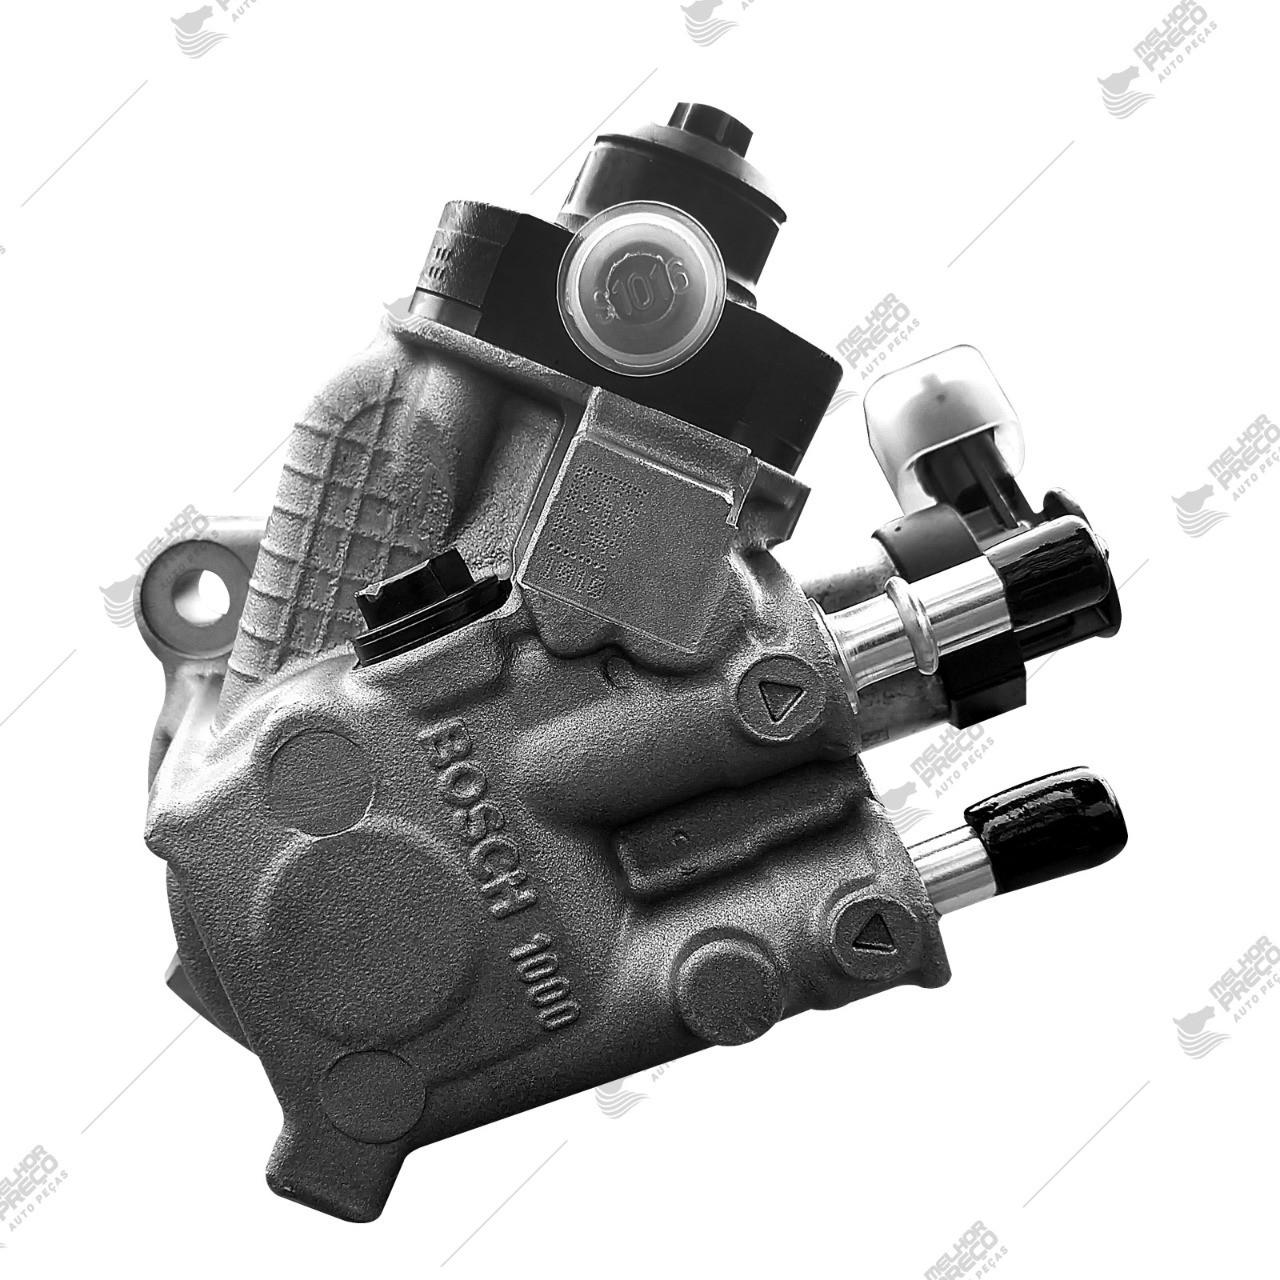 Bomba de Alta Pressão Iveco Daily 70C17 3.0 16v Ecoline Euro V   Ano  2012 a 2019 Remanufaturado